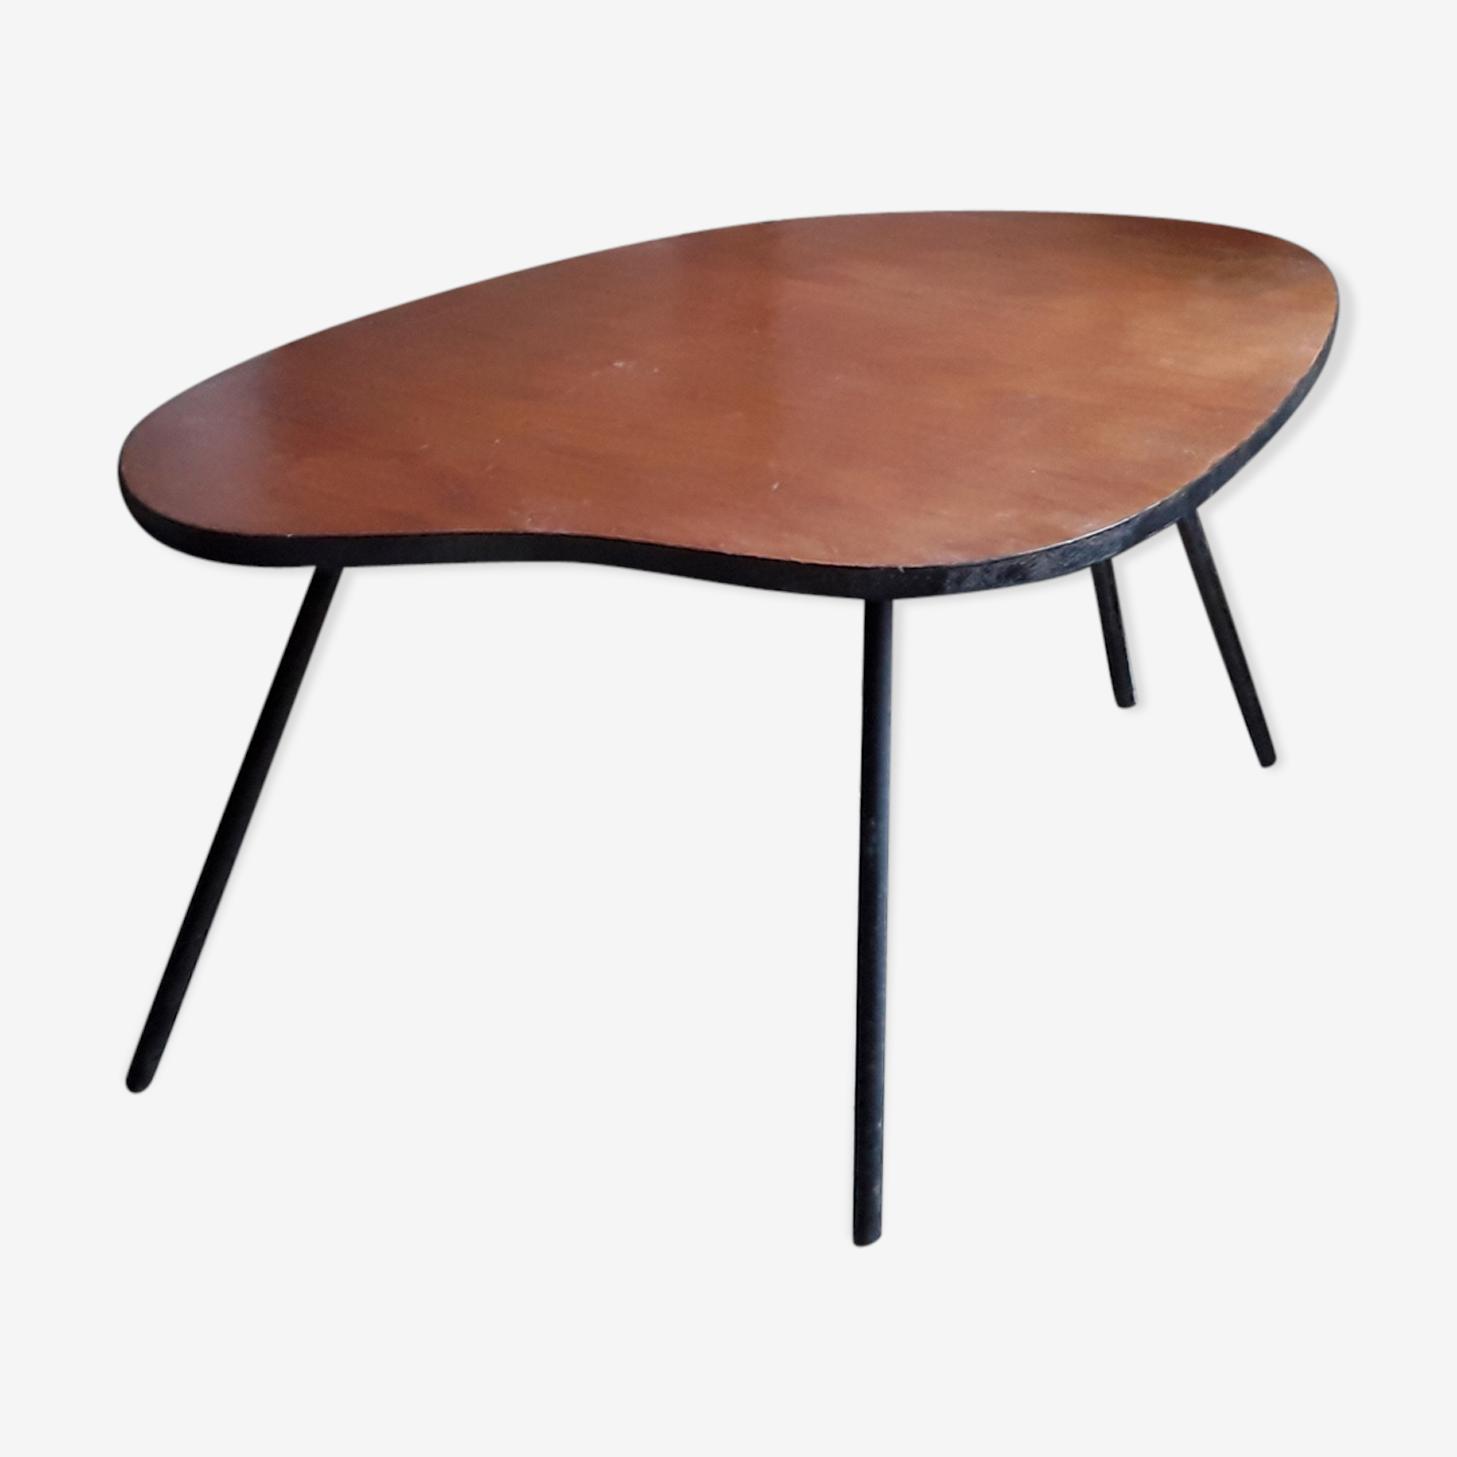 Table basse de forme haricot des années 50-60